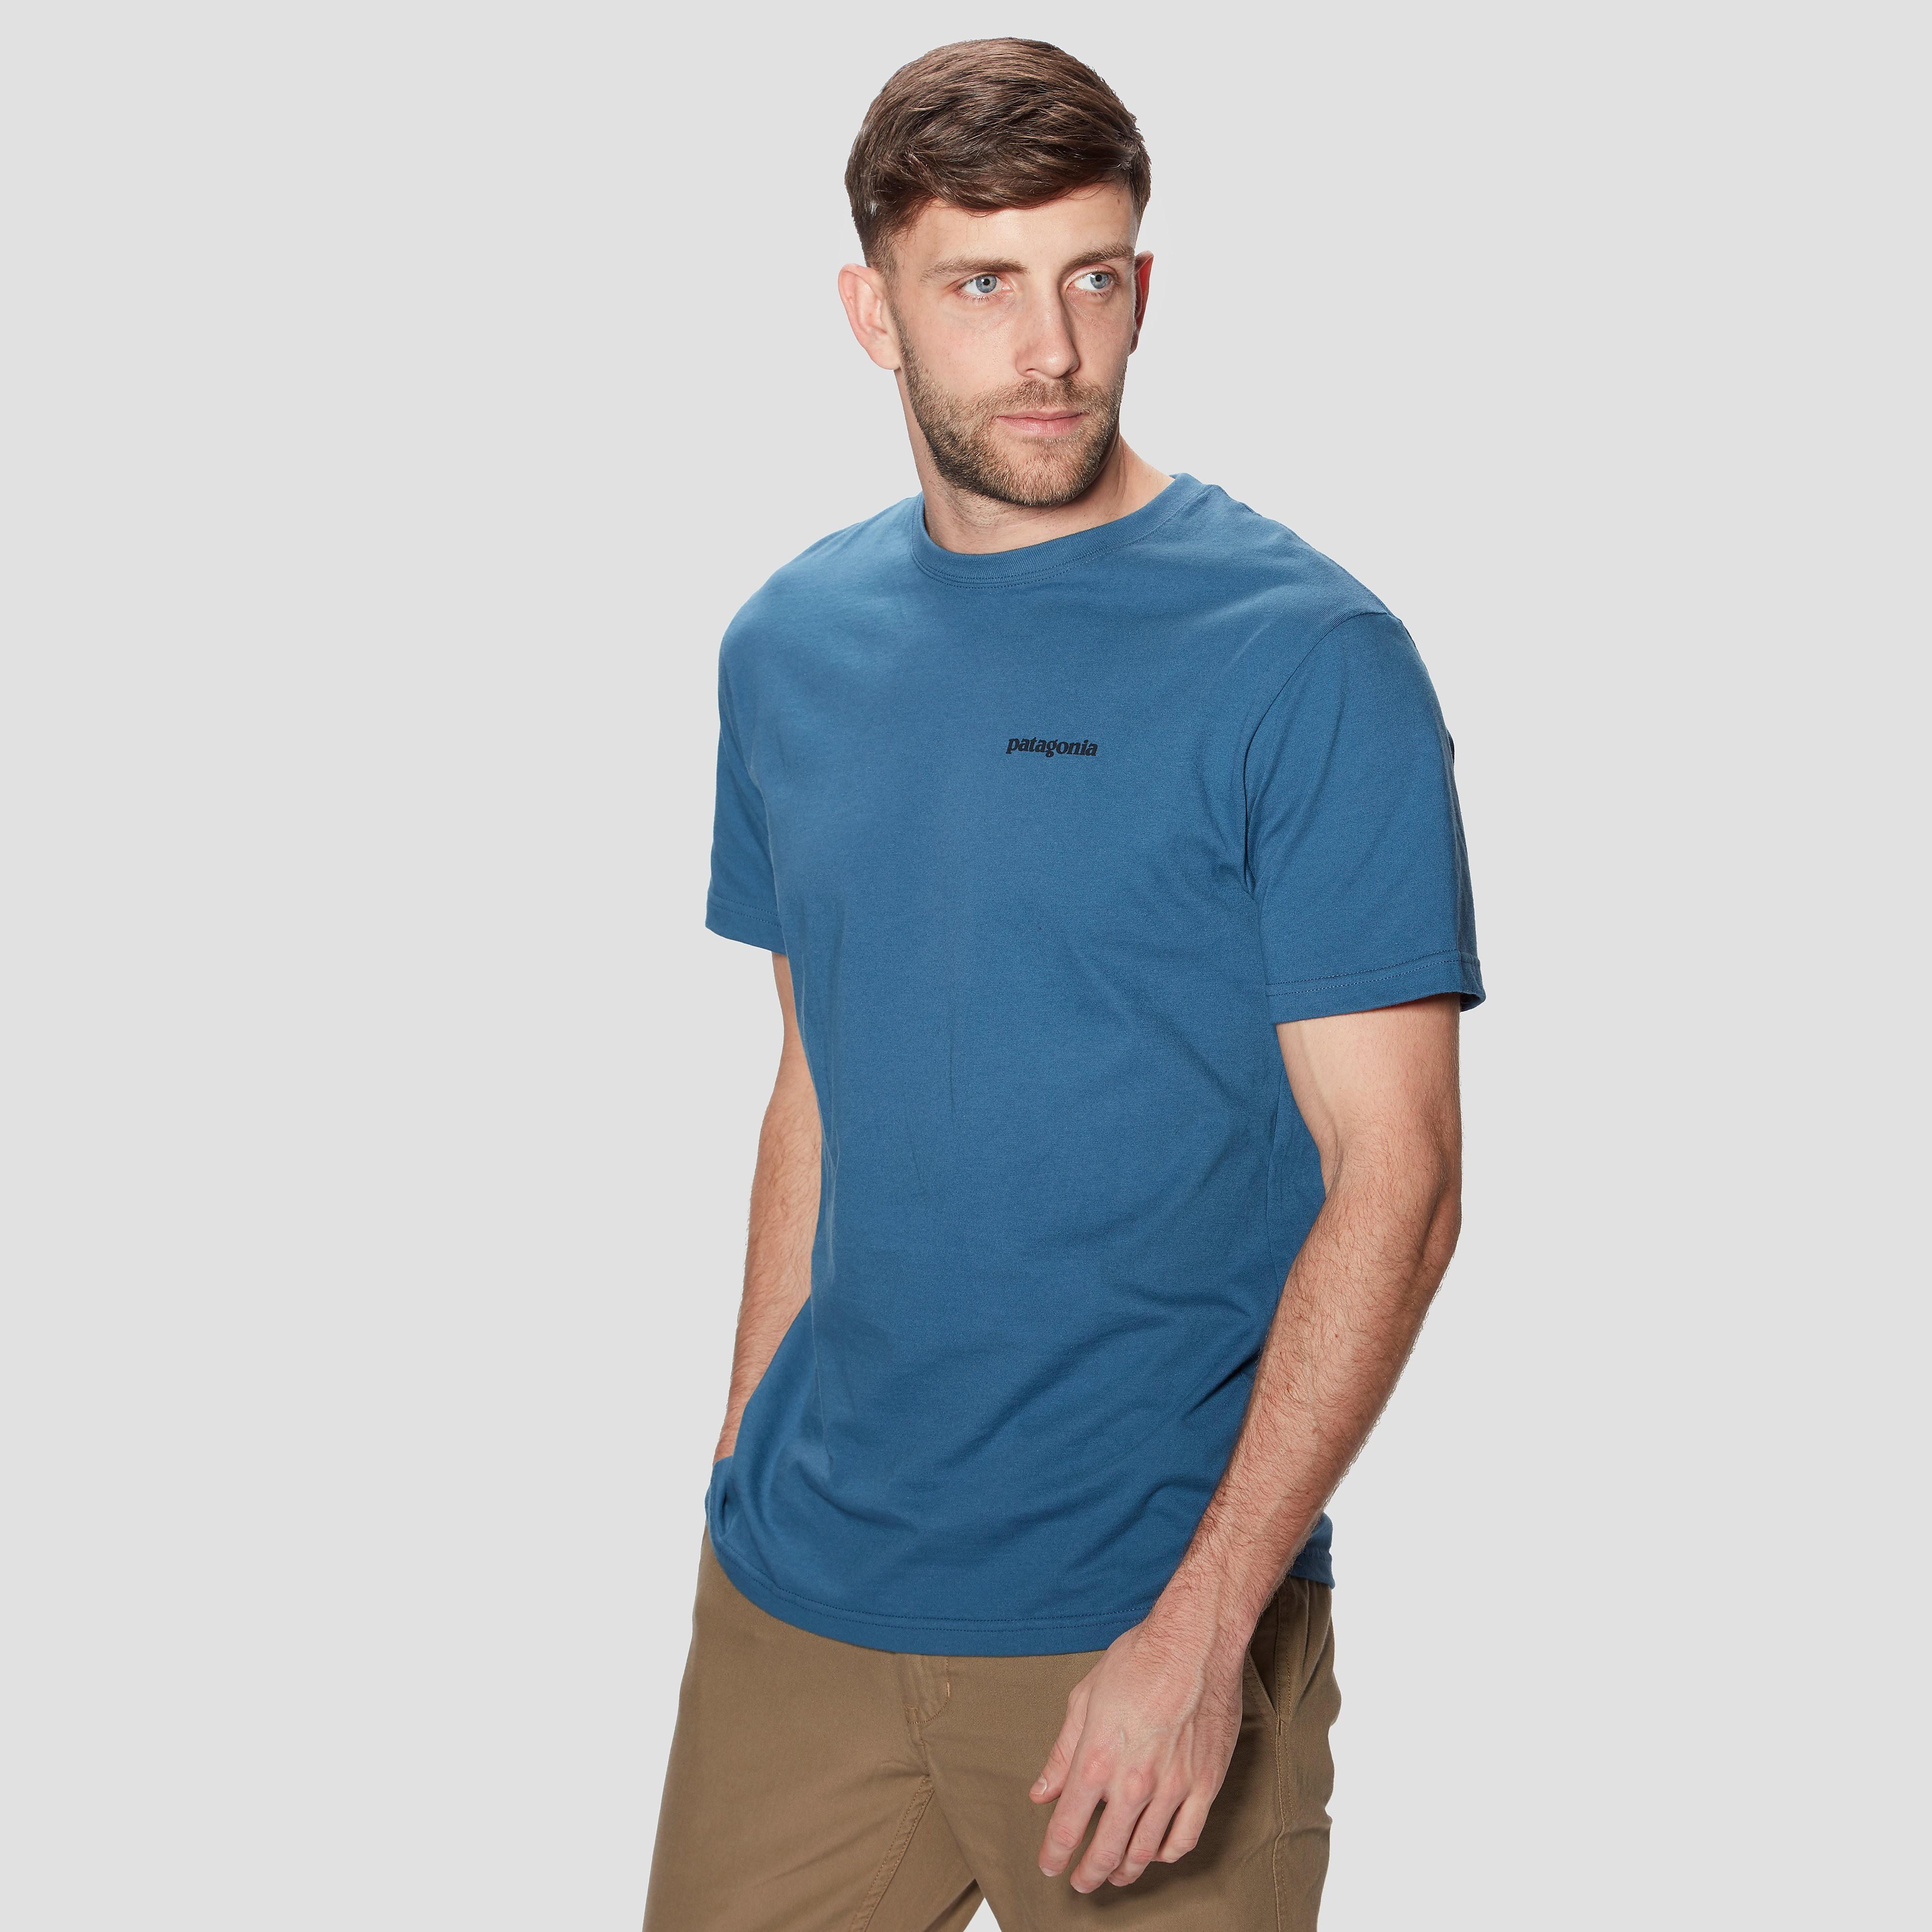 Patagonia P6 Logo Cotton Men's T-Shirt